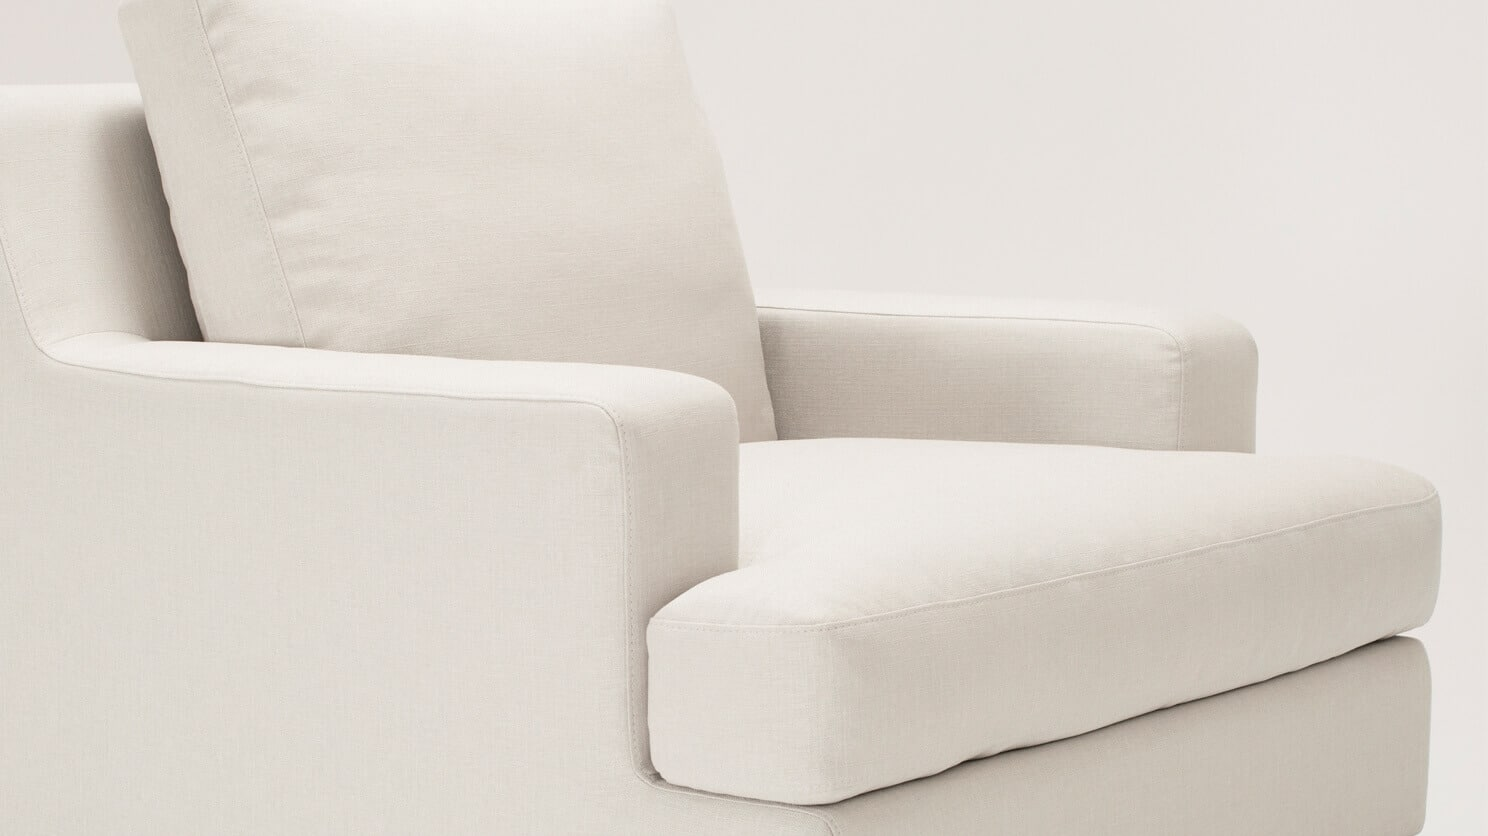 30113 02 4 chairs blanche chair polo cream detail 01